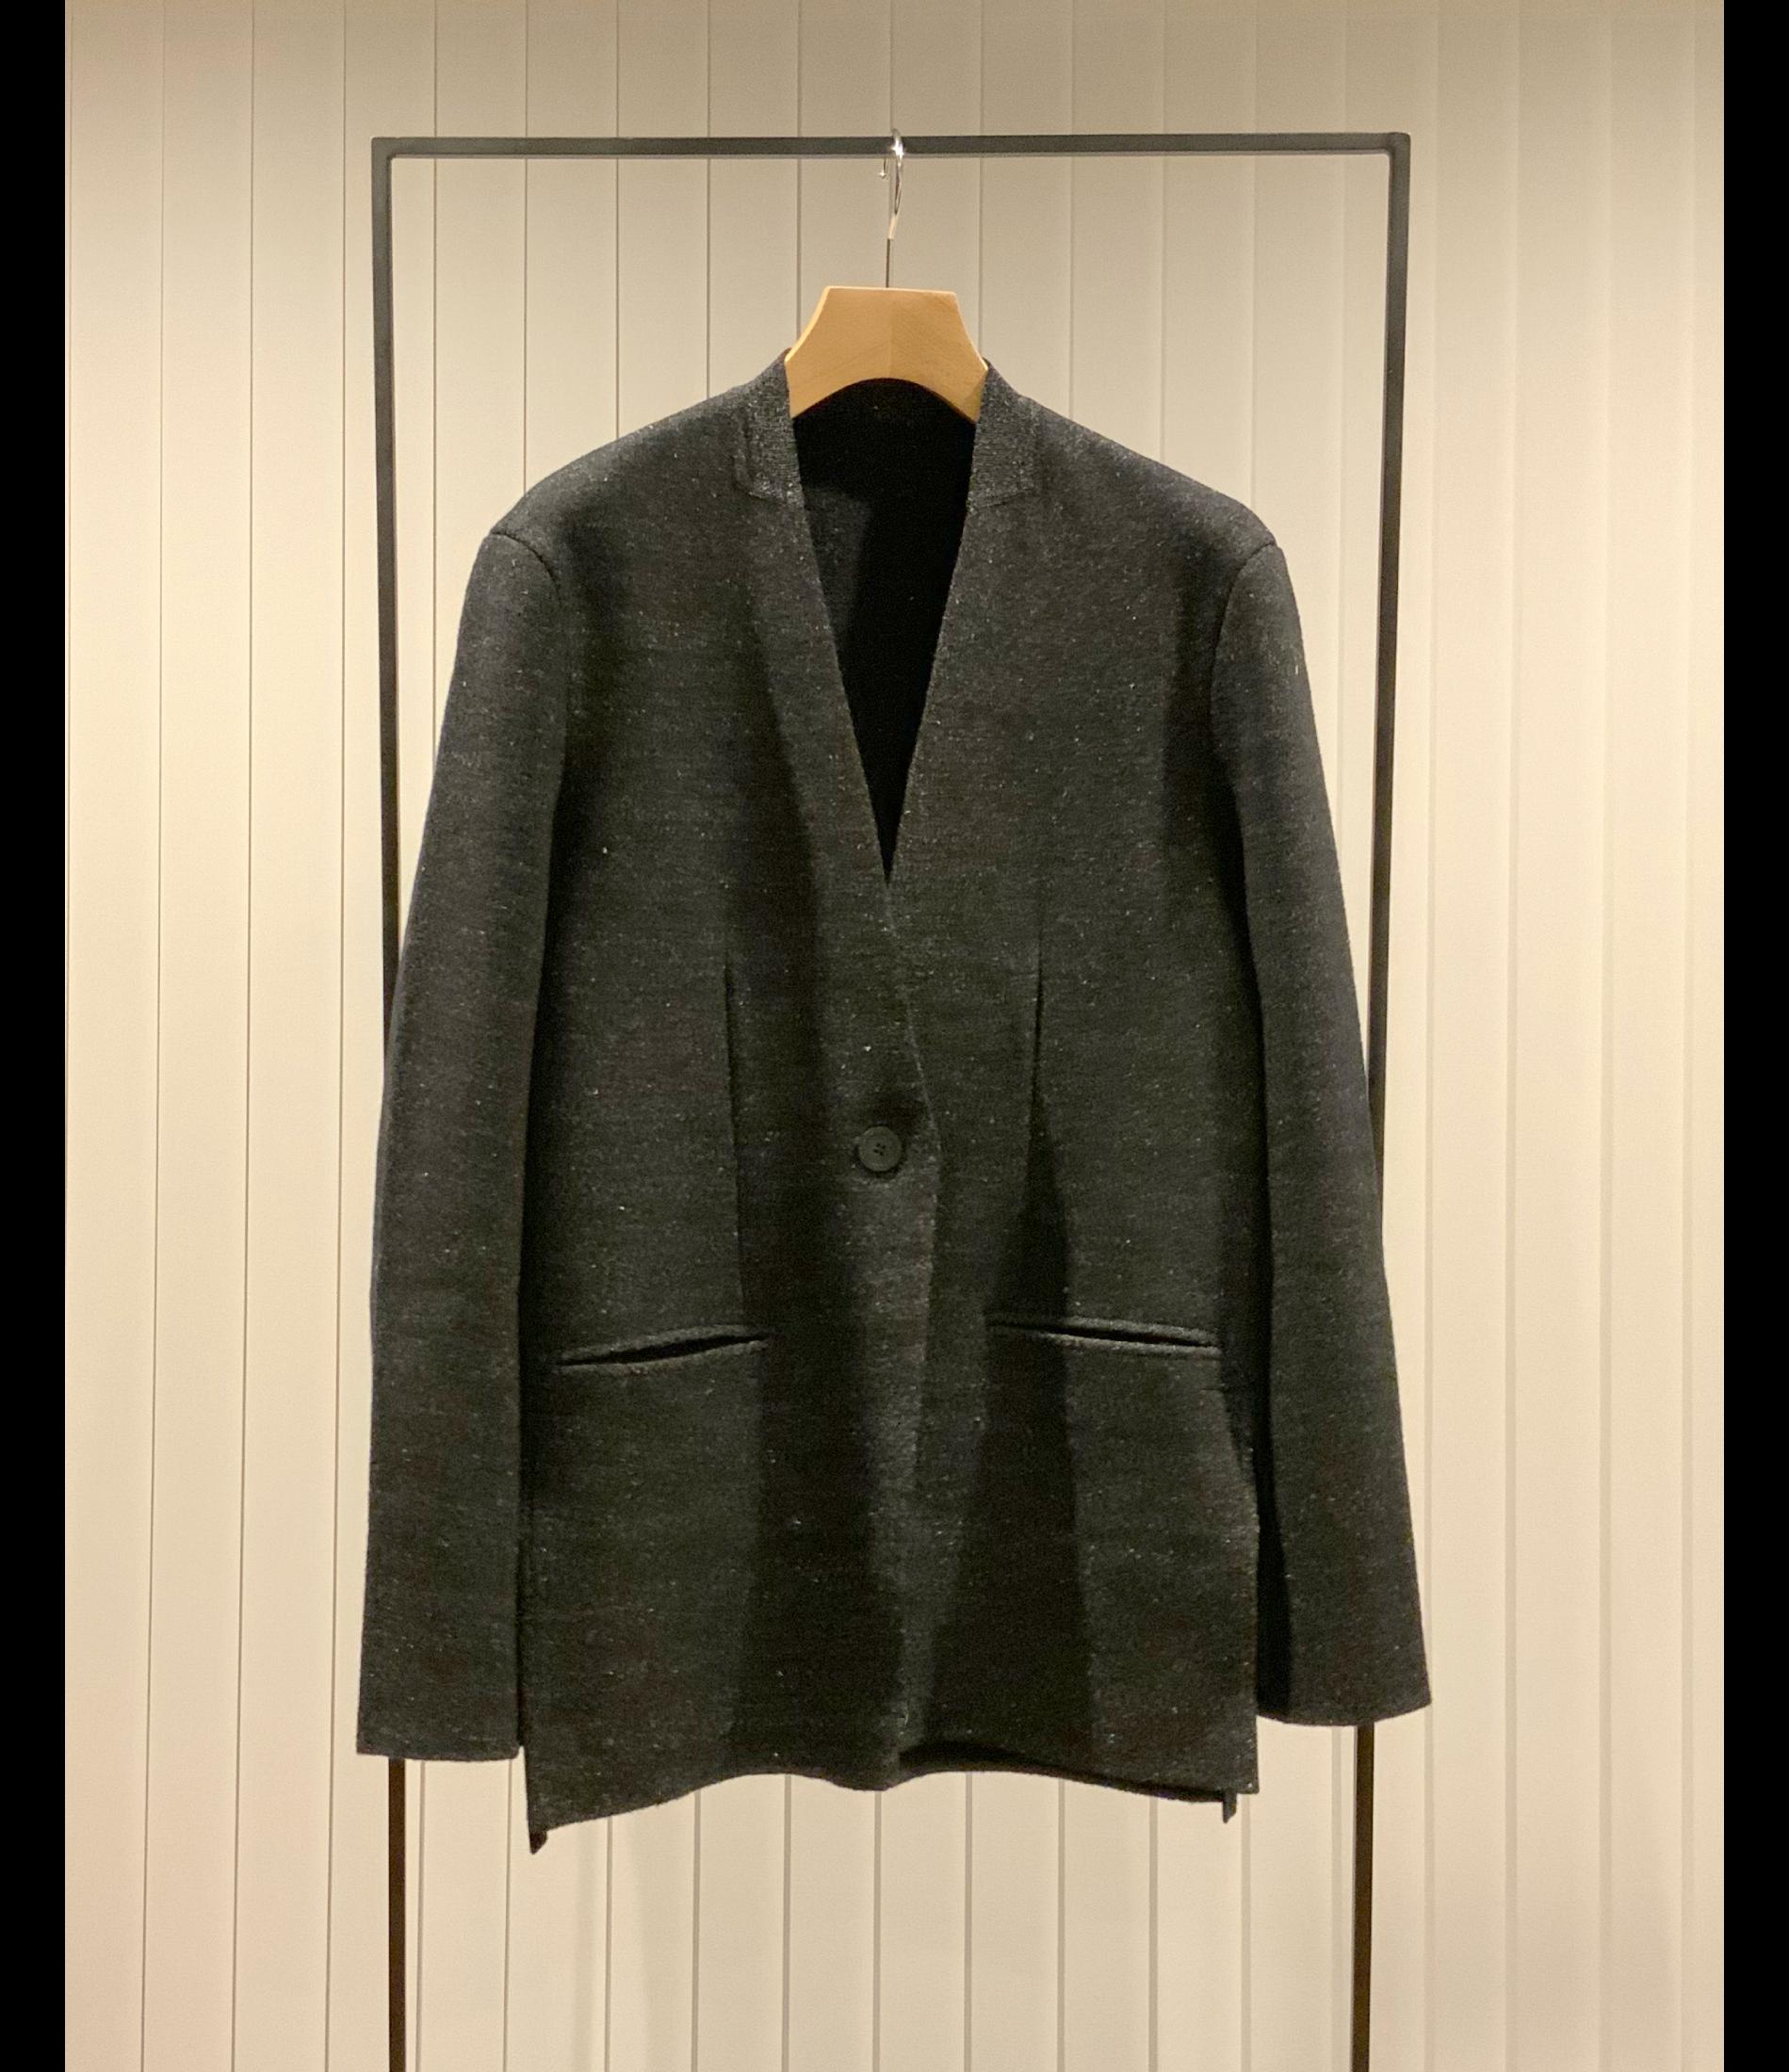 Collarless Knit Jacket / Black